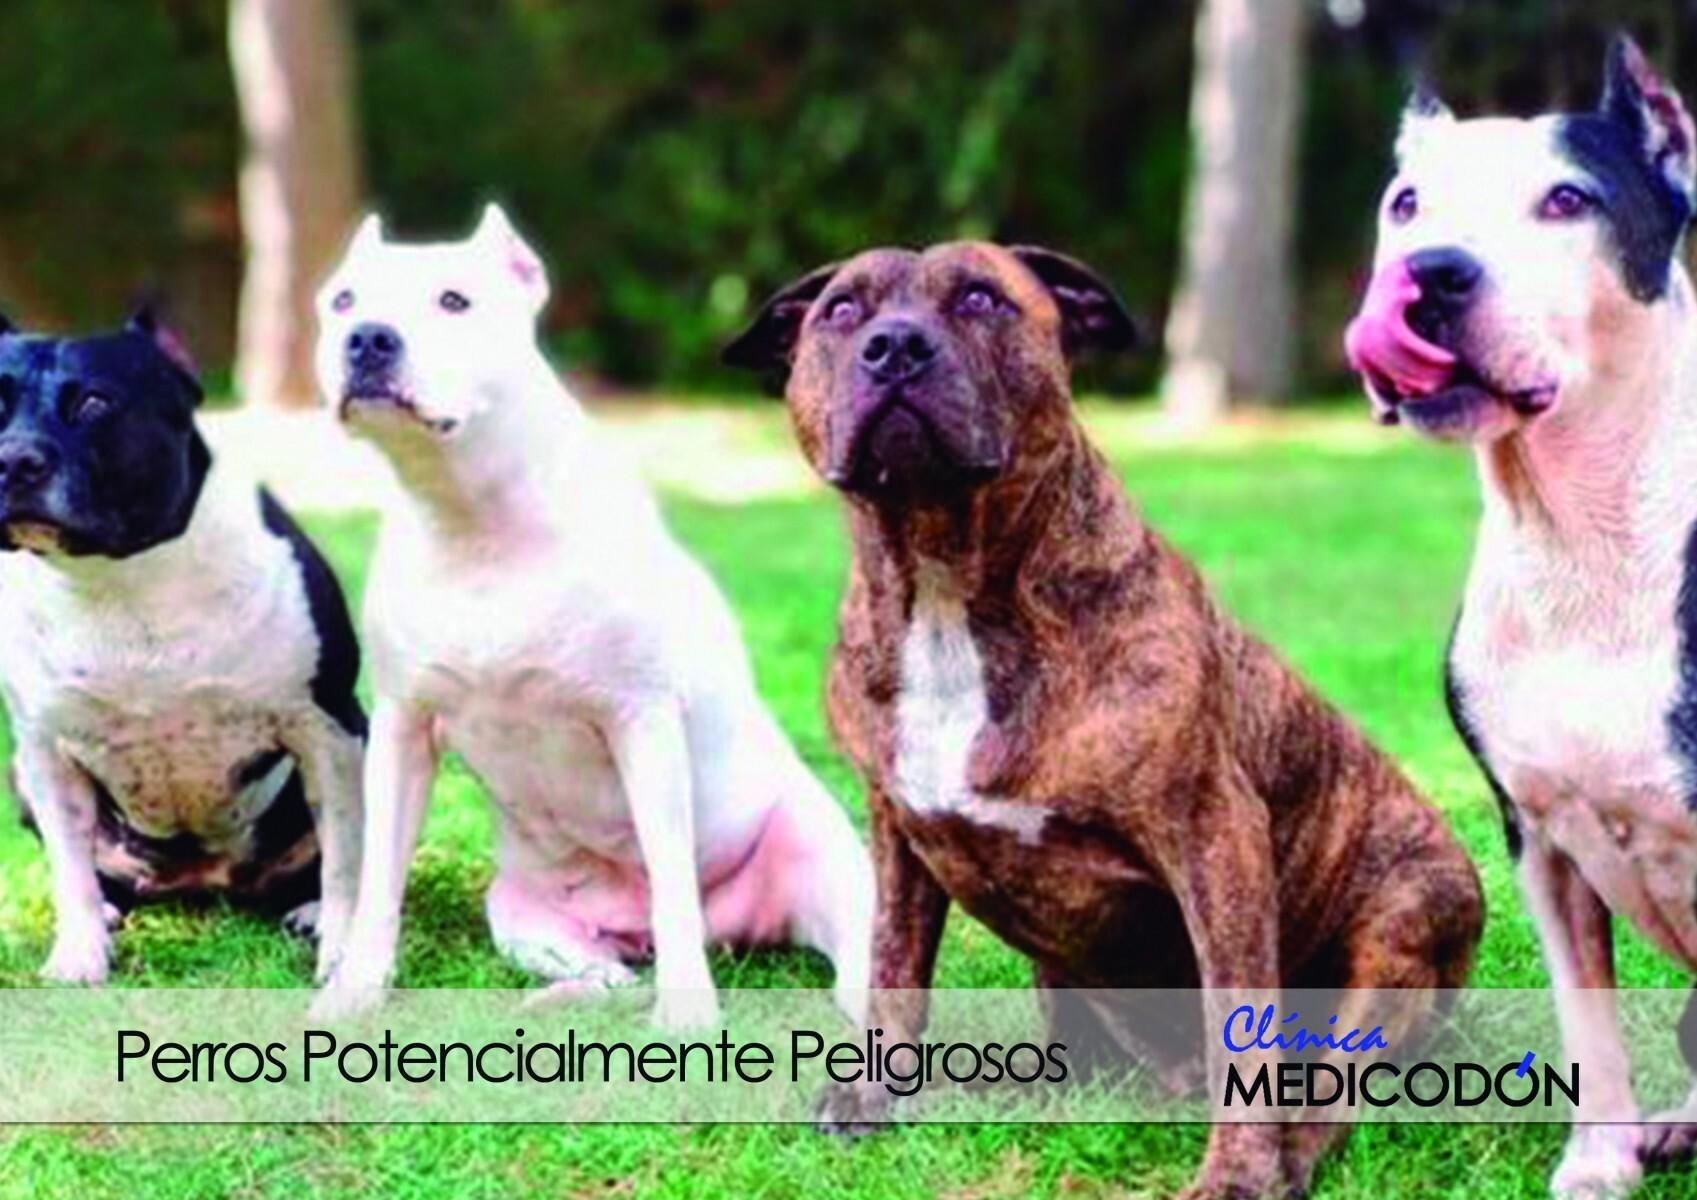 Perros potencialmente peligrosos villaviciosa